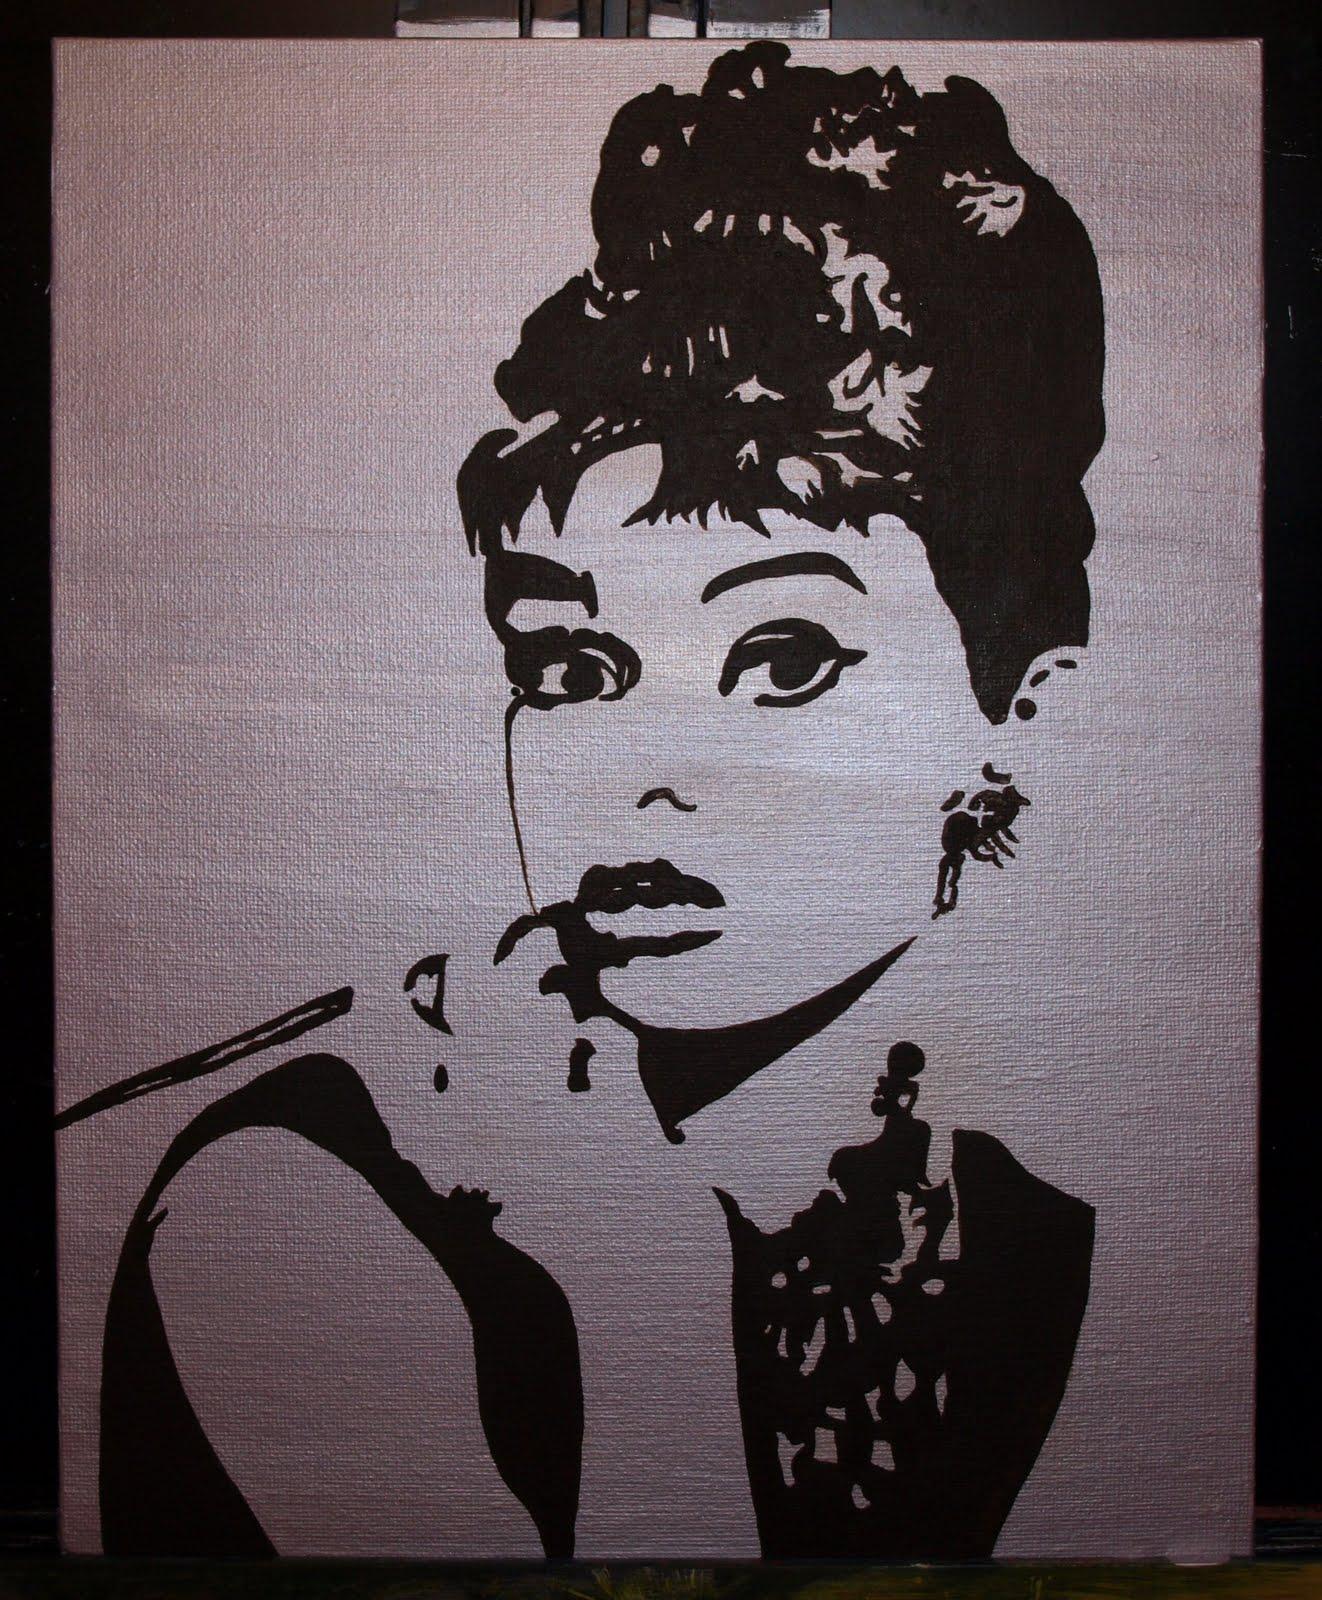 http://1.bp.blogspot.com/_-UbfGakJ7c8/TIG6j_8utqI/AAAAAAAAAcE/_RNp4GgVIfM/s1600/Audrey+Hepburn+.jpg